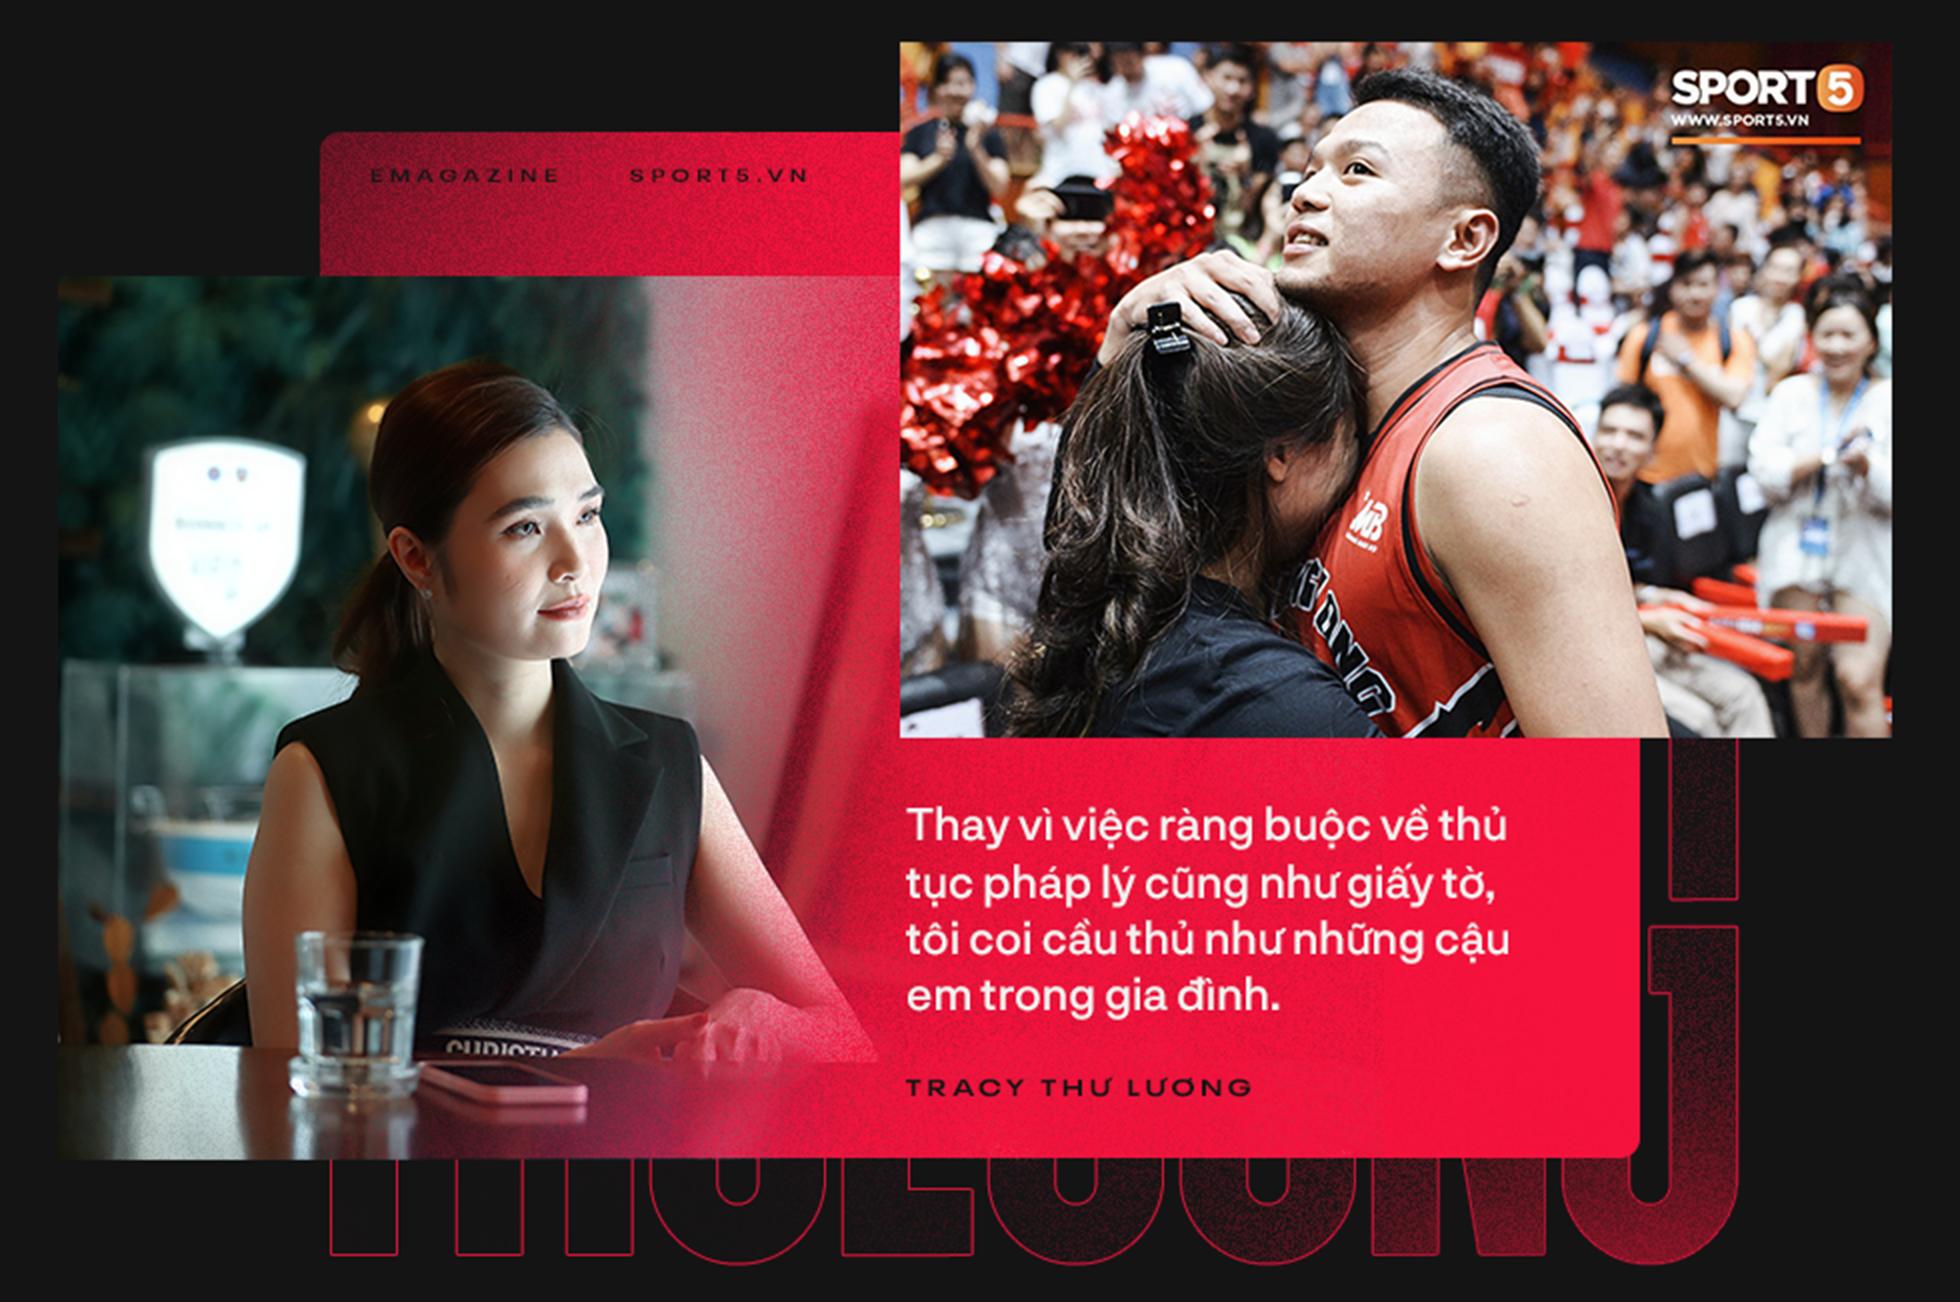 """""""Bông hồng gai"""" Tracy Thư Lương, người đứng sau đội bóng """"Nhà giàu ồn ào"""" - Ảnh 15."""